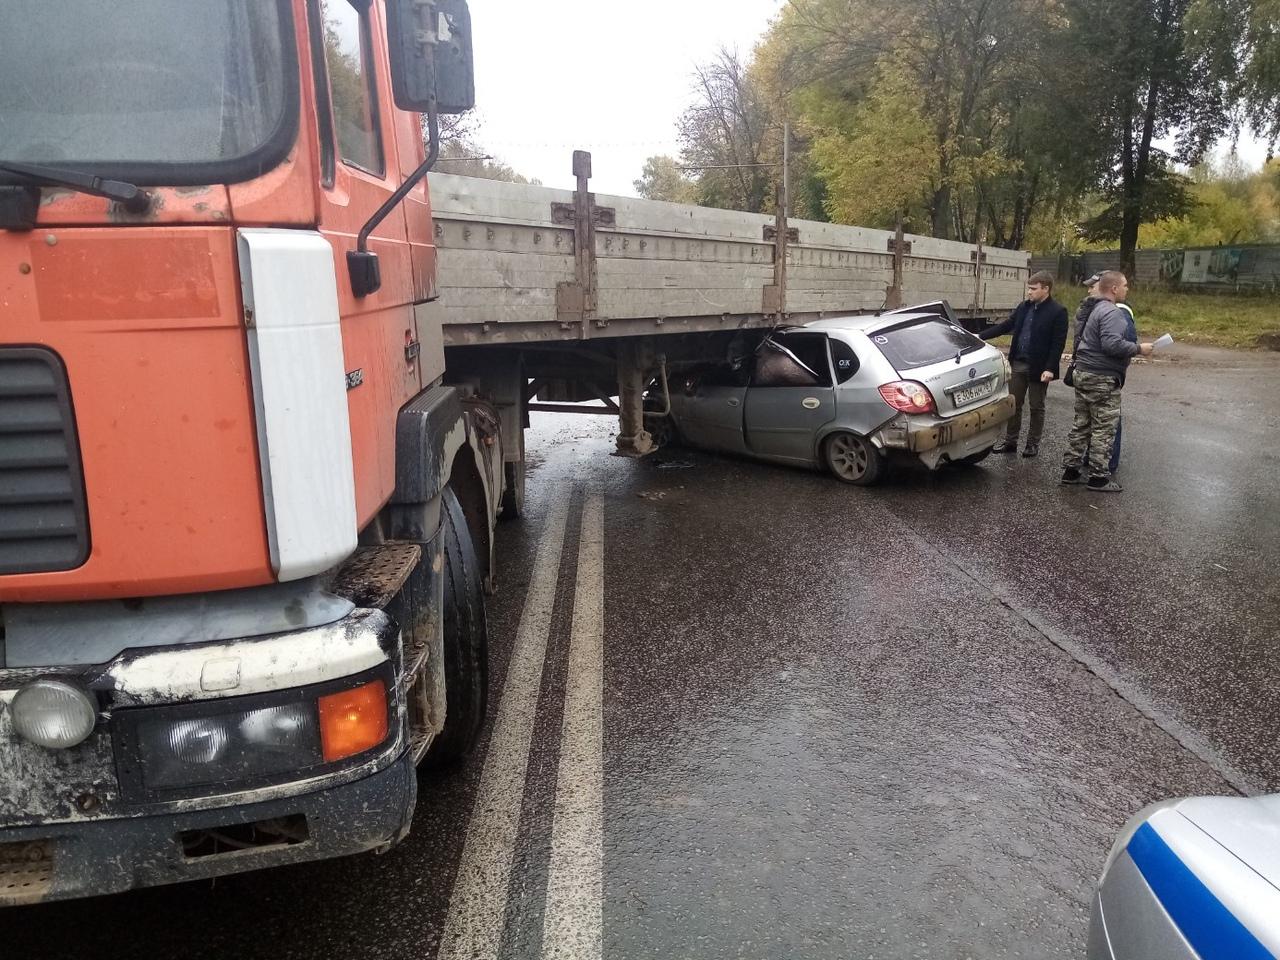 В Ярославле иномарка влетела под грузовик: пострадал водитель